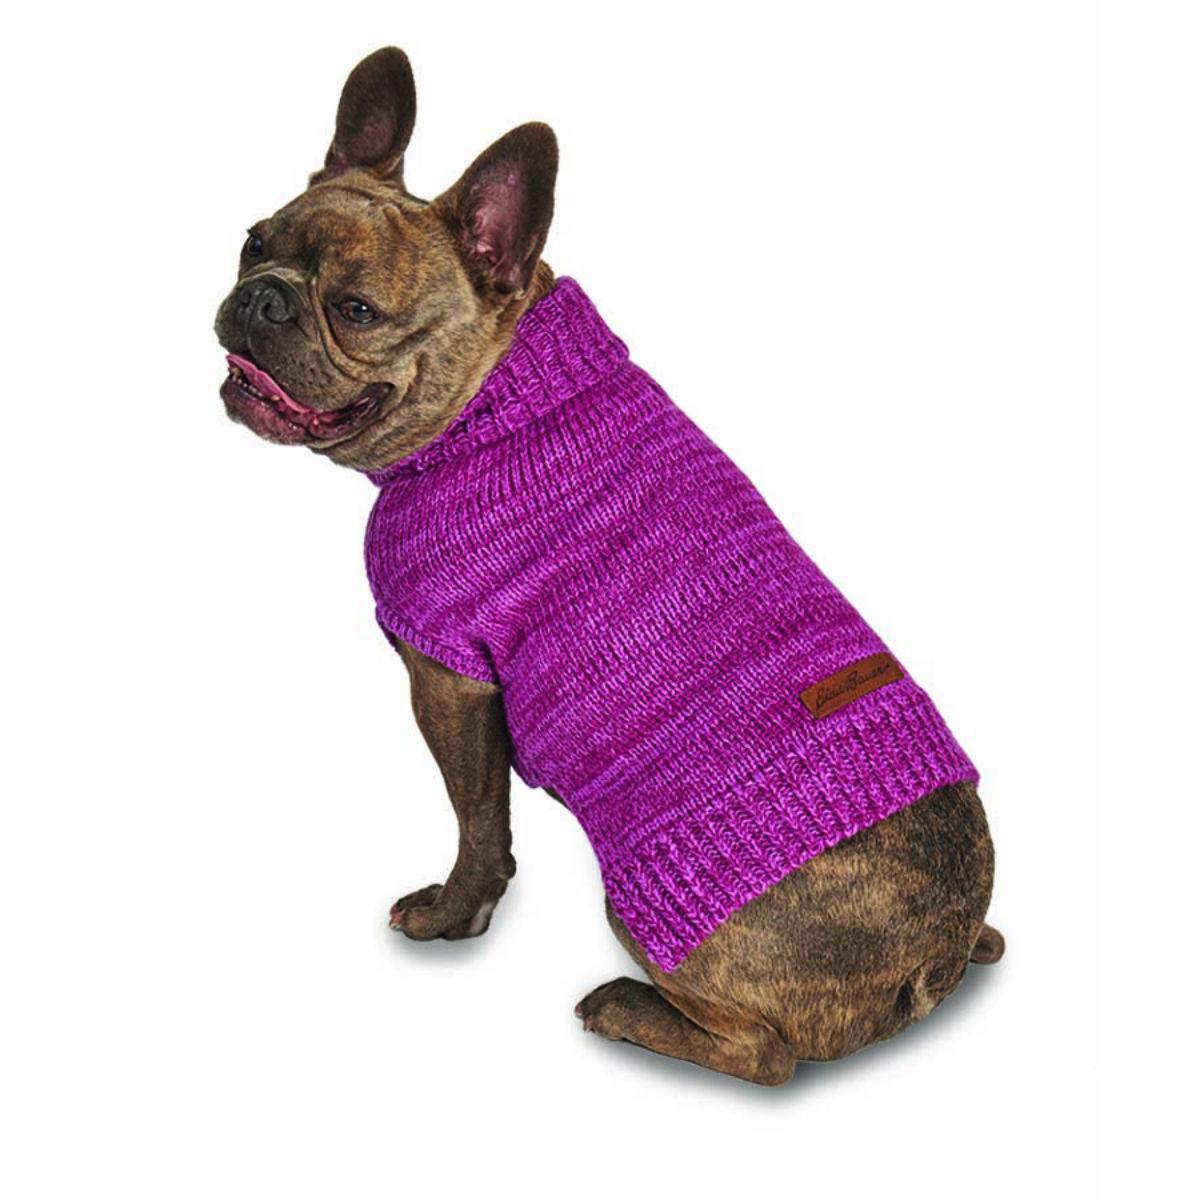 Eddie Bauer Everett Marled Dog Sweater - Dusty Purple Marle